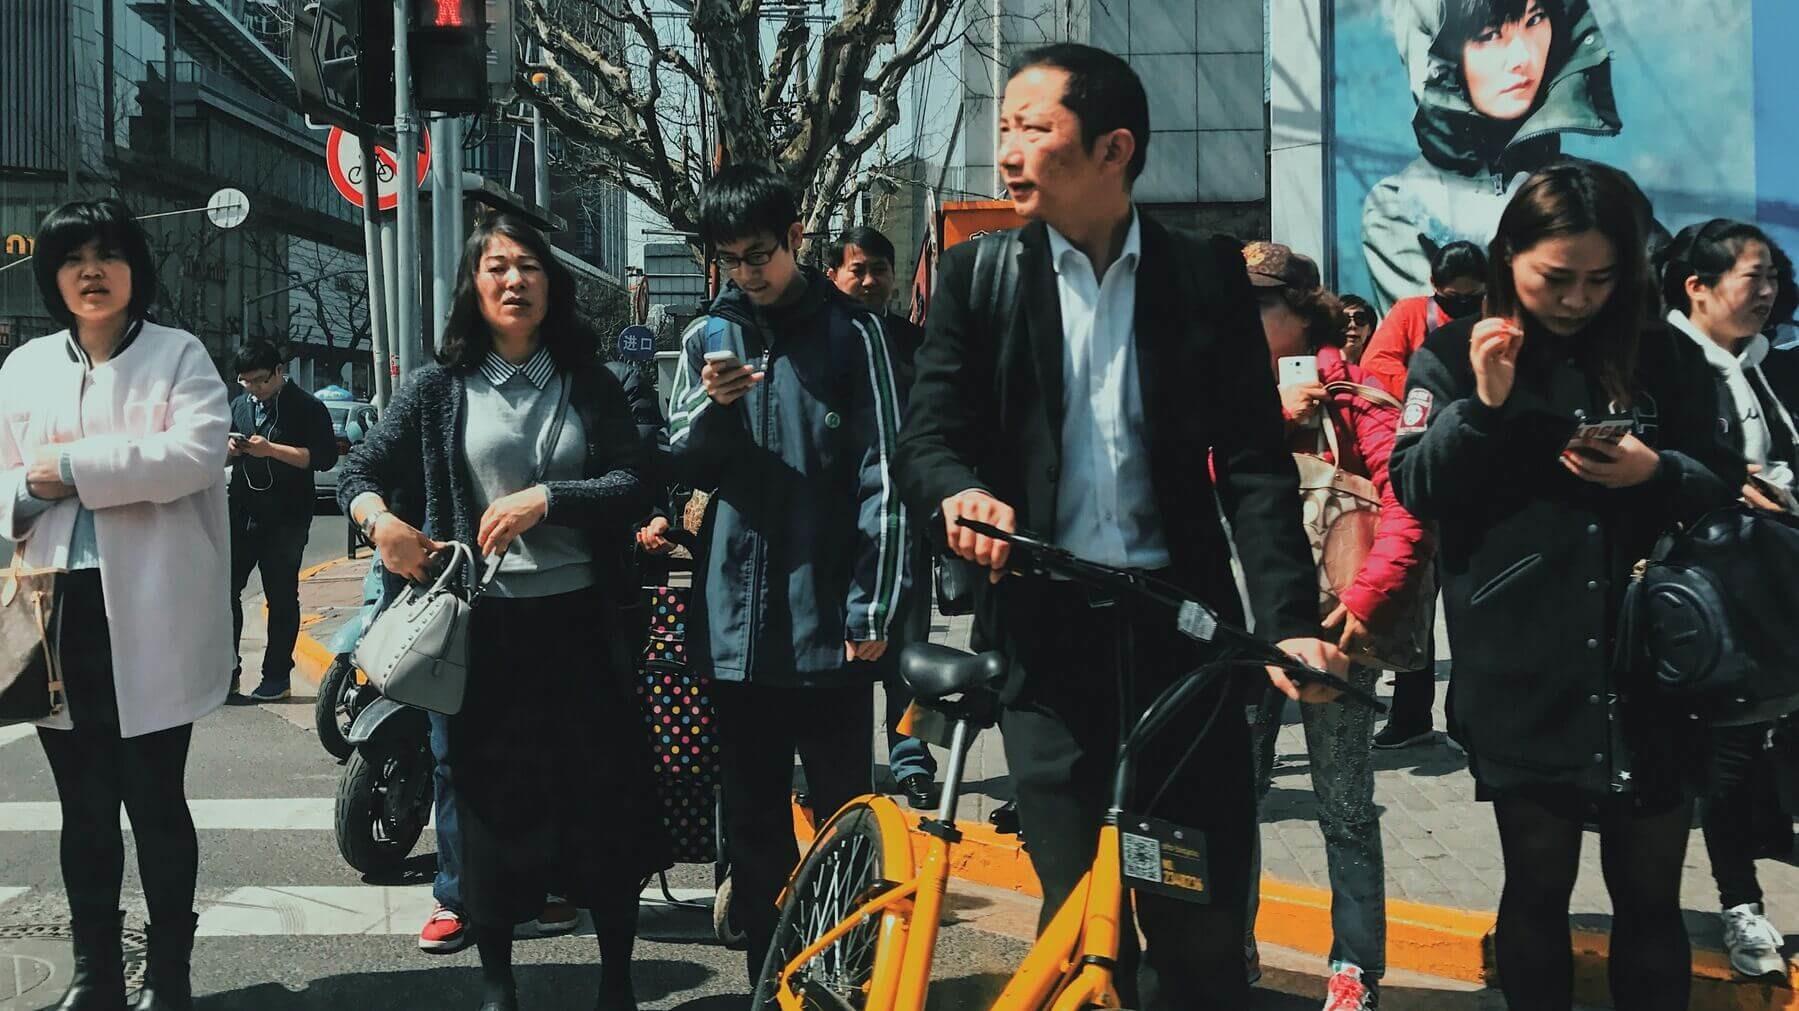 El aumento de la clase media facilita el crecimiento de China como gigante tecnológico.